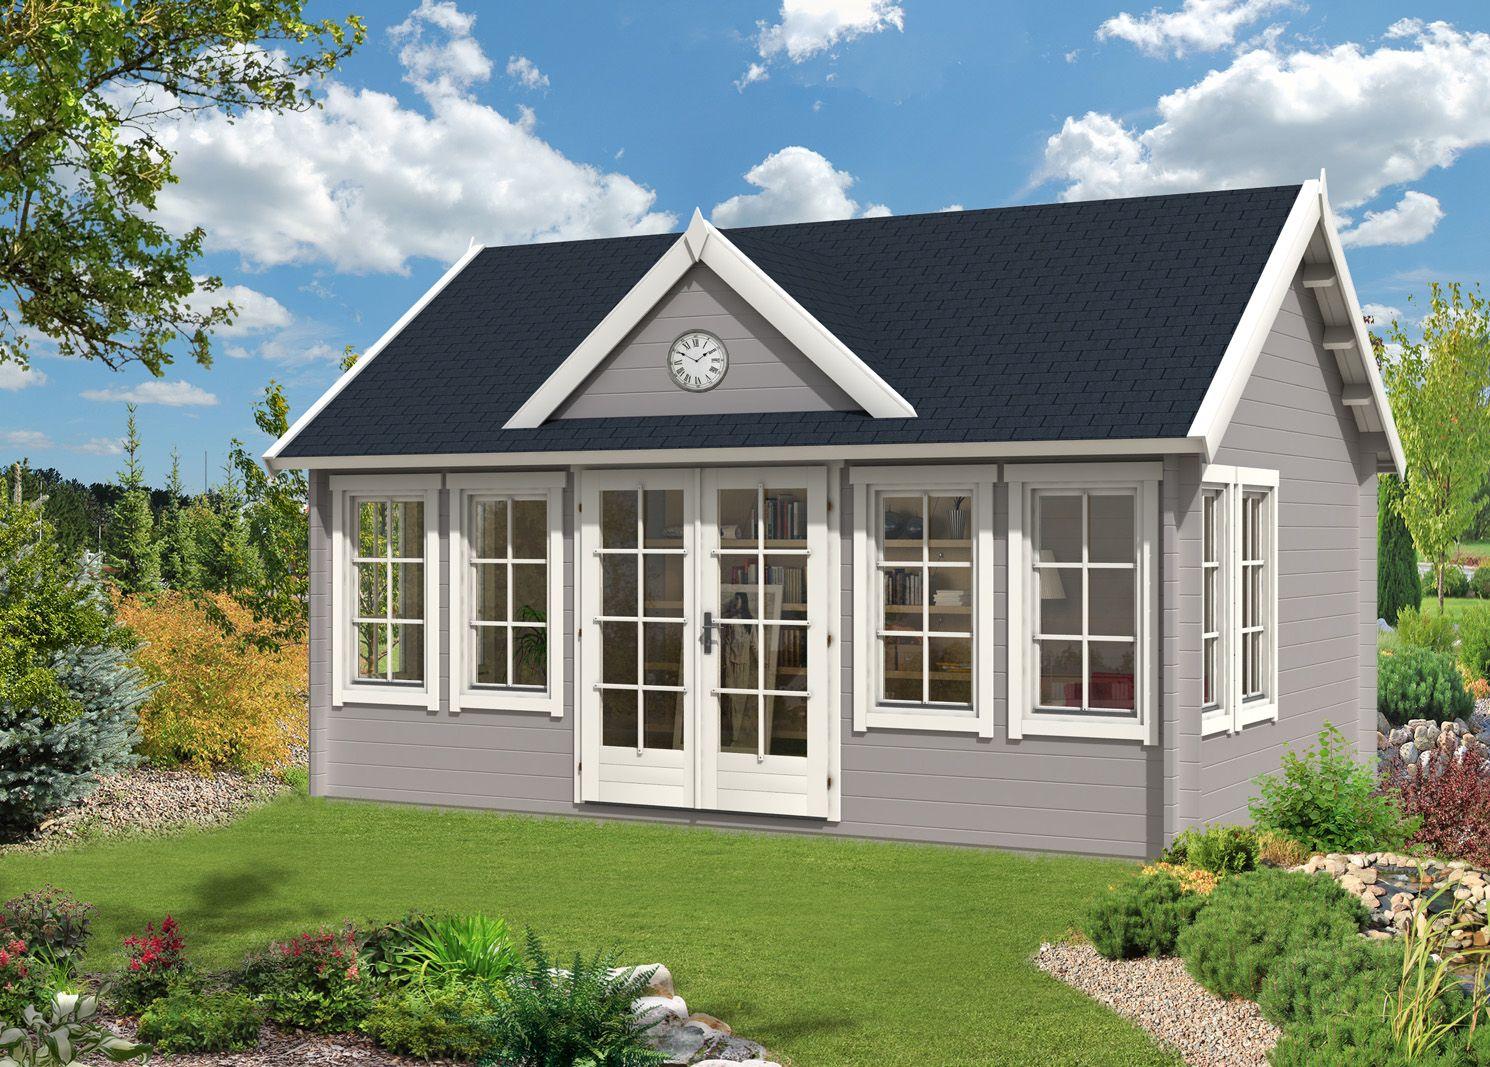 Gartenhaus Modell ClockhouseXL Häuschen in 2019